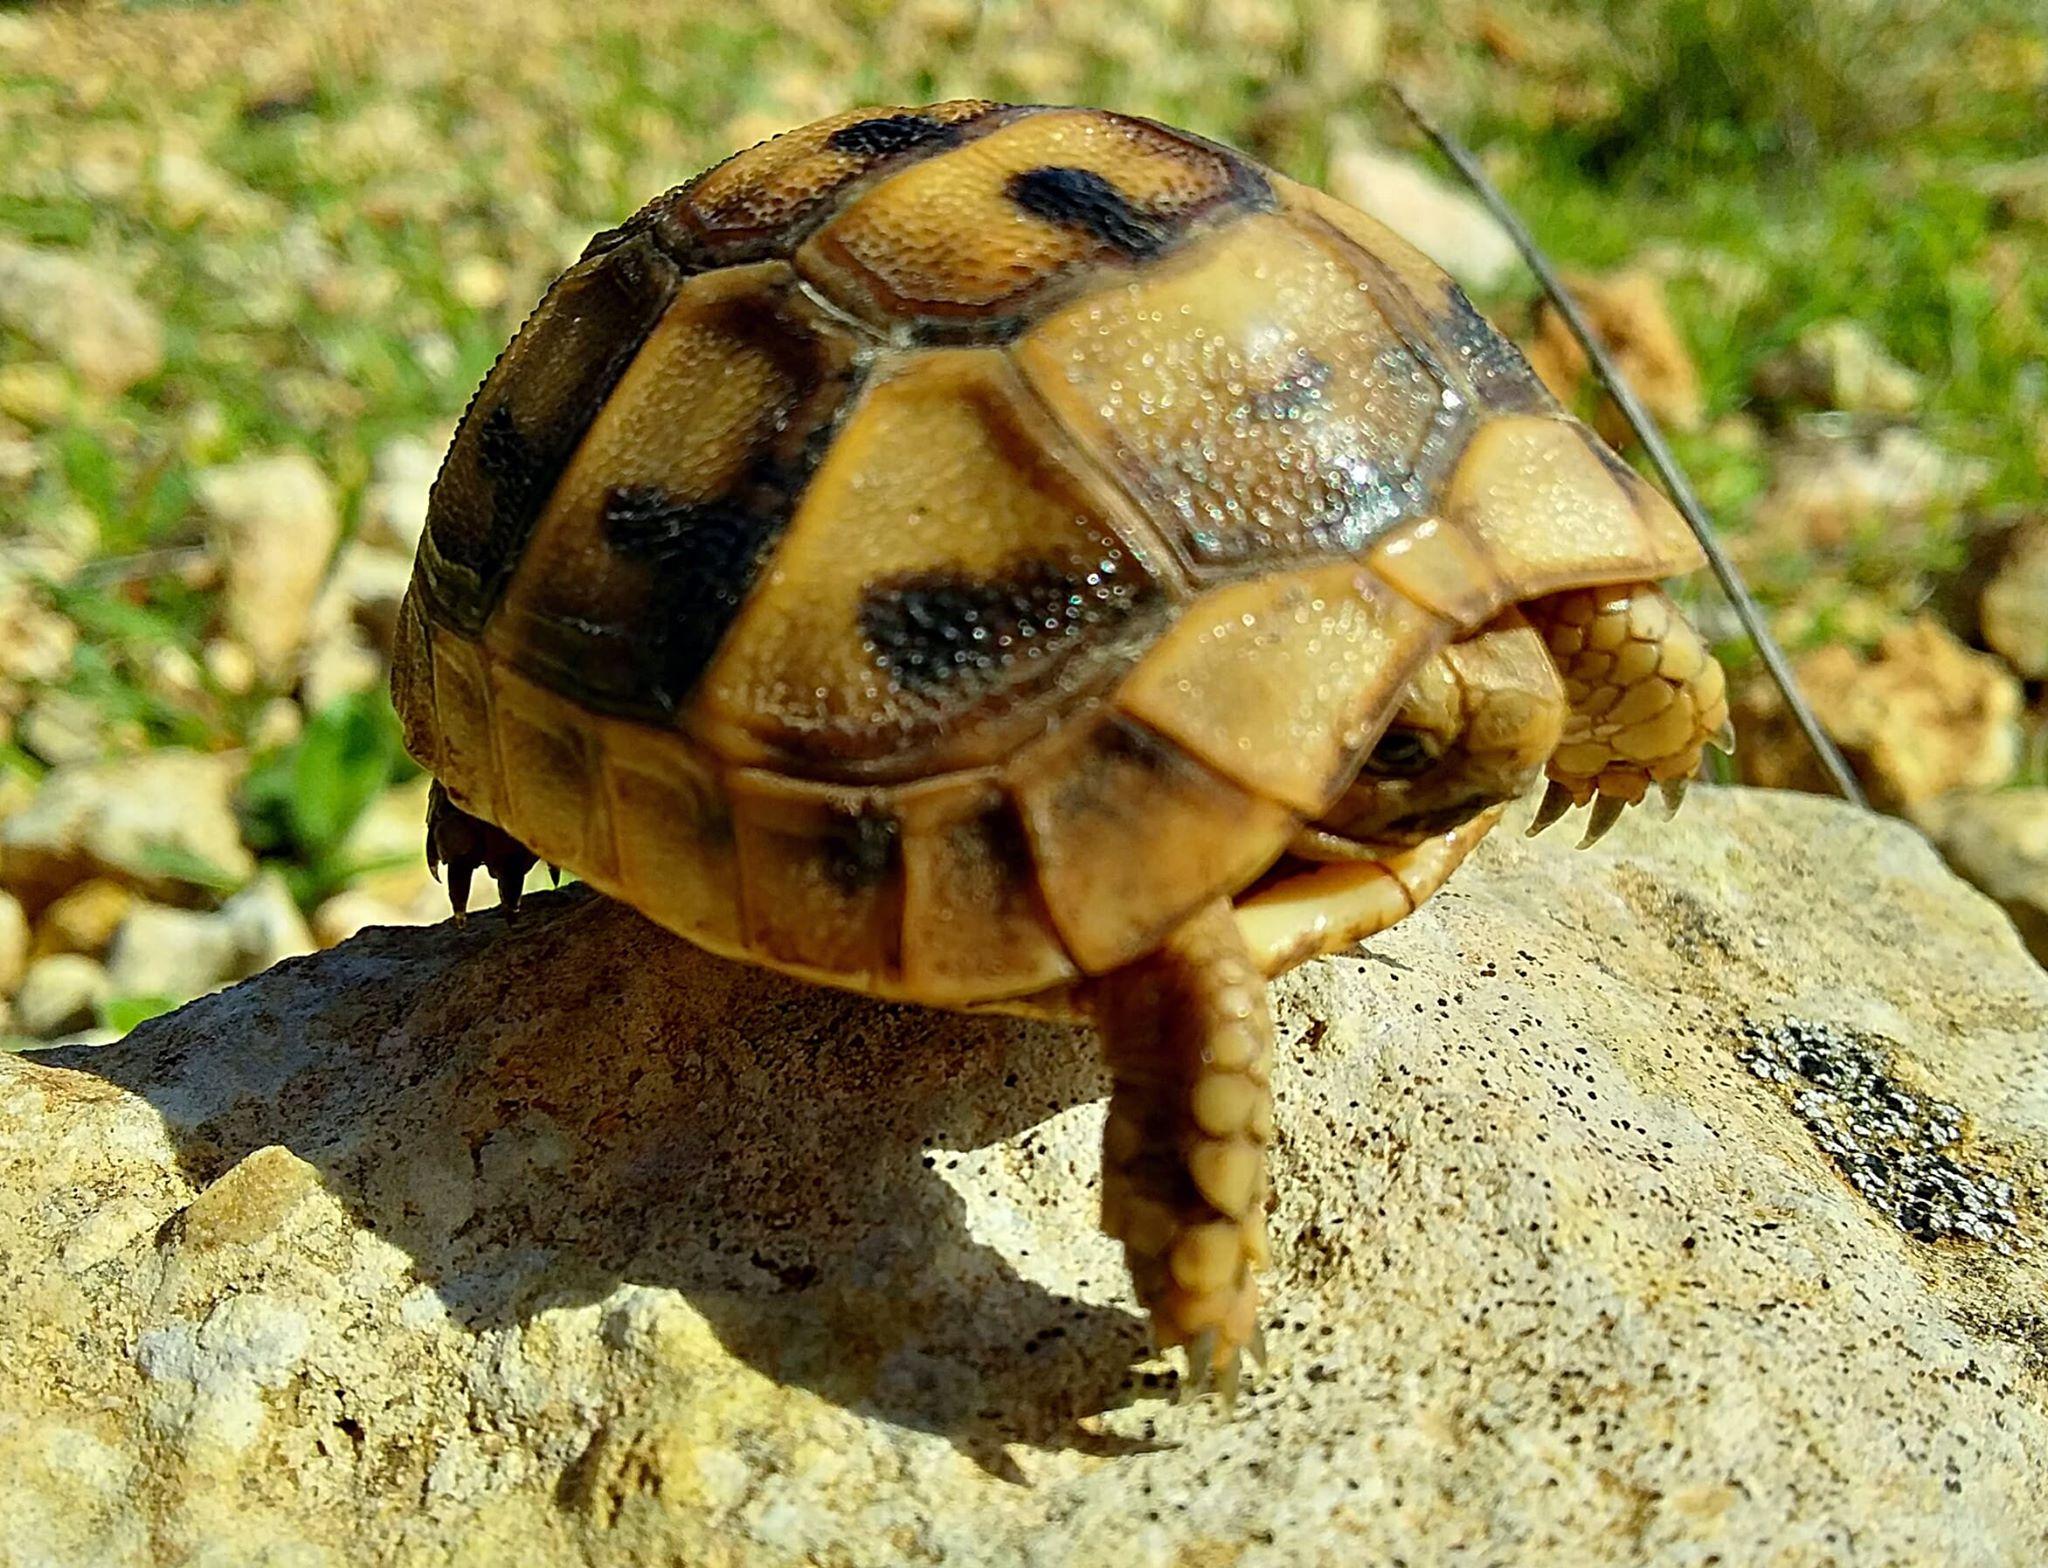 делать картинки среднеазиатских черепах и только этом данное